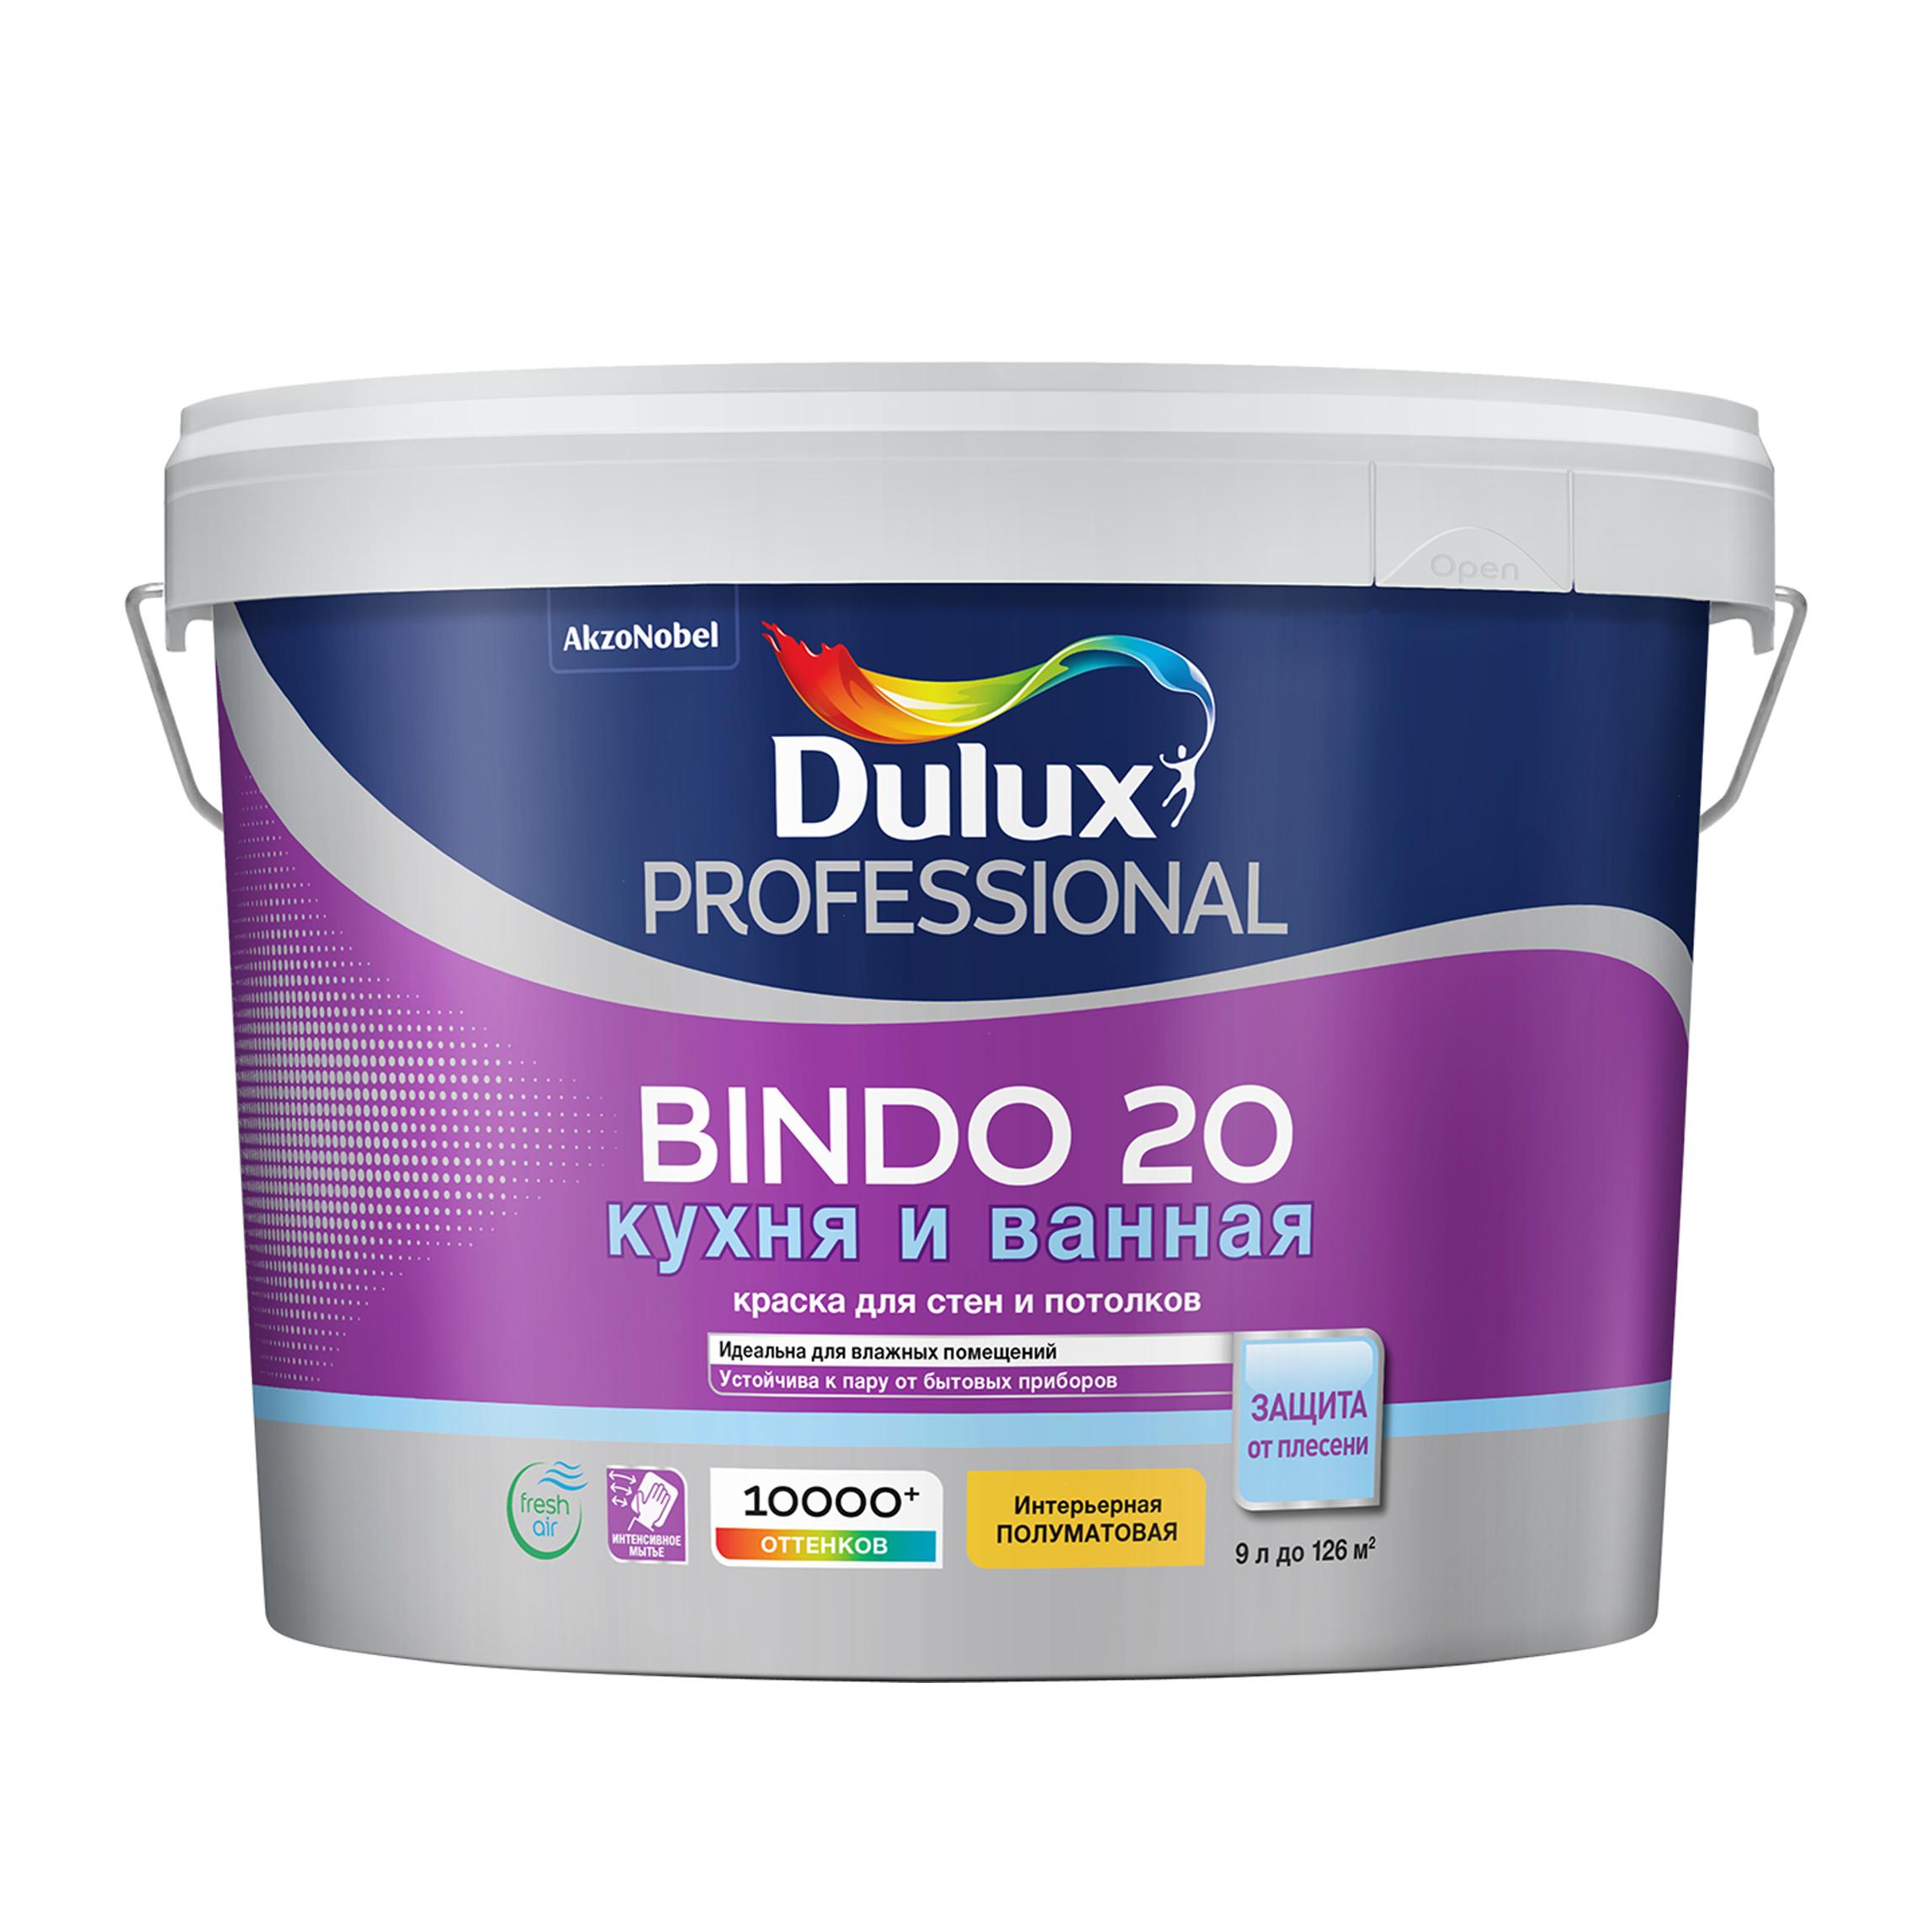 Купить Краска для кухни и ванной латексная Dulux Professional Bindo 20 полуматовая база BW 9 л., краска